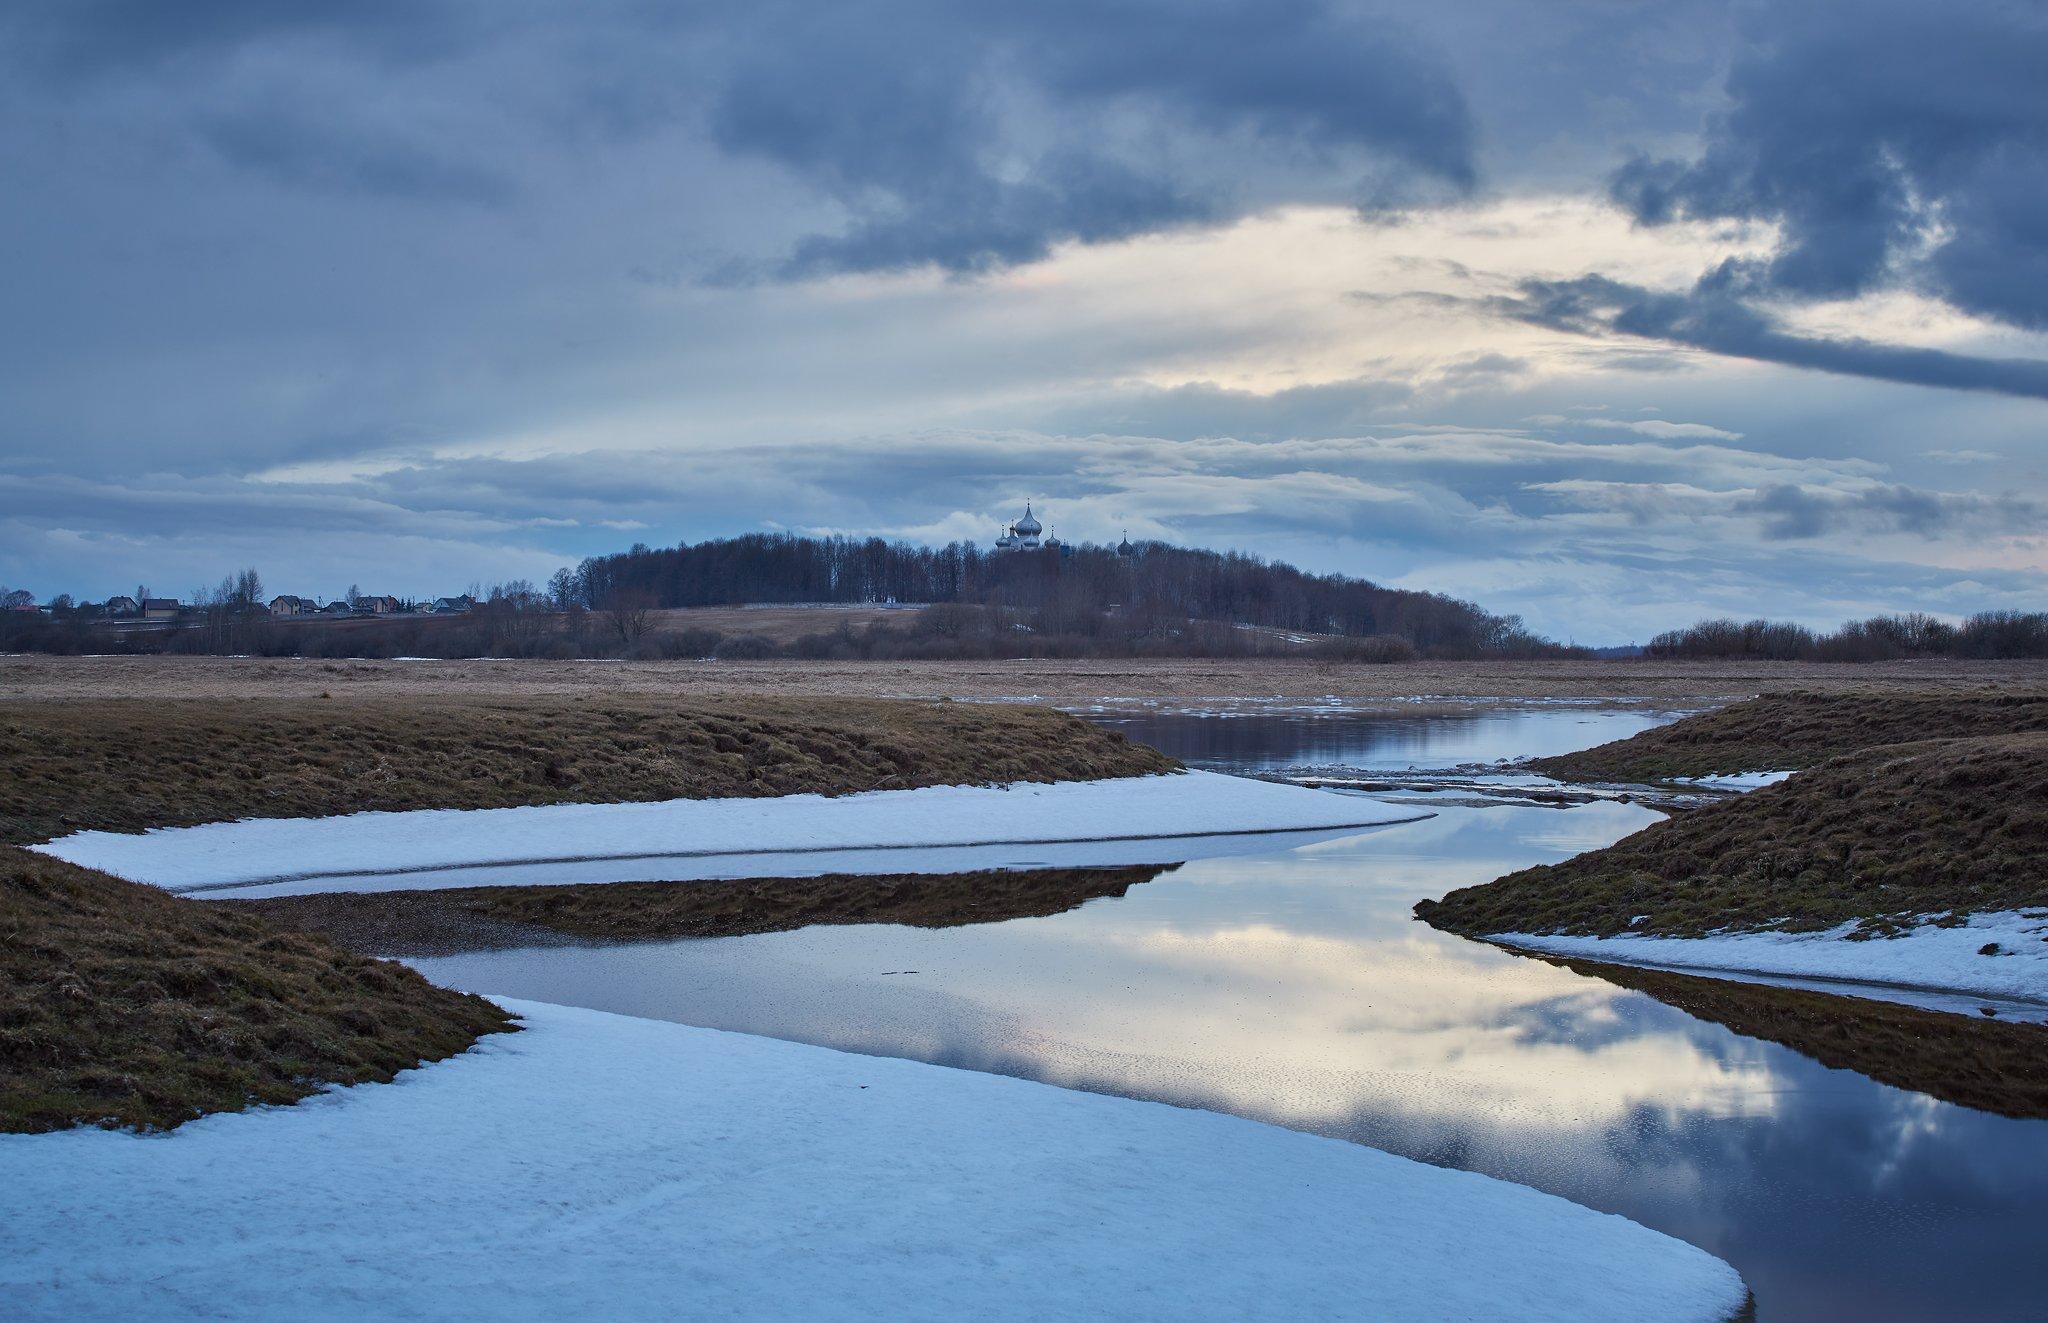 весна, снег, река, Кононов Антон